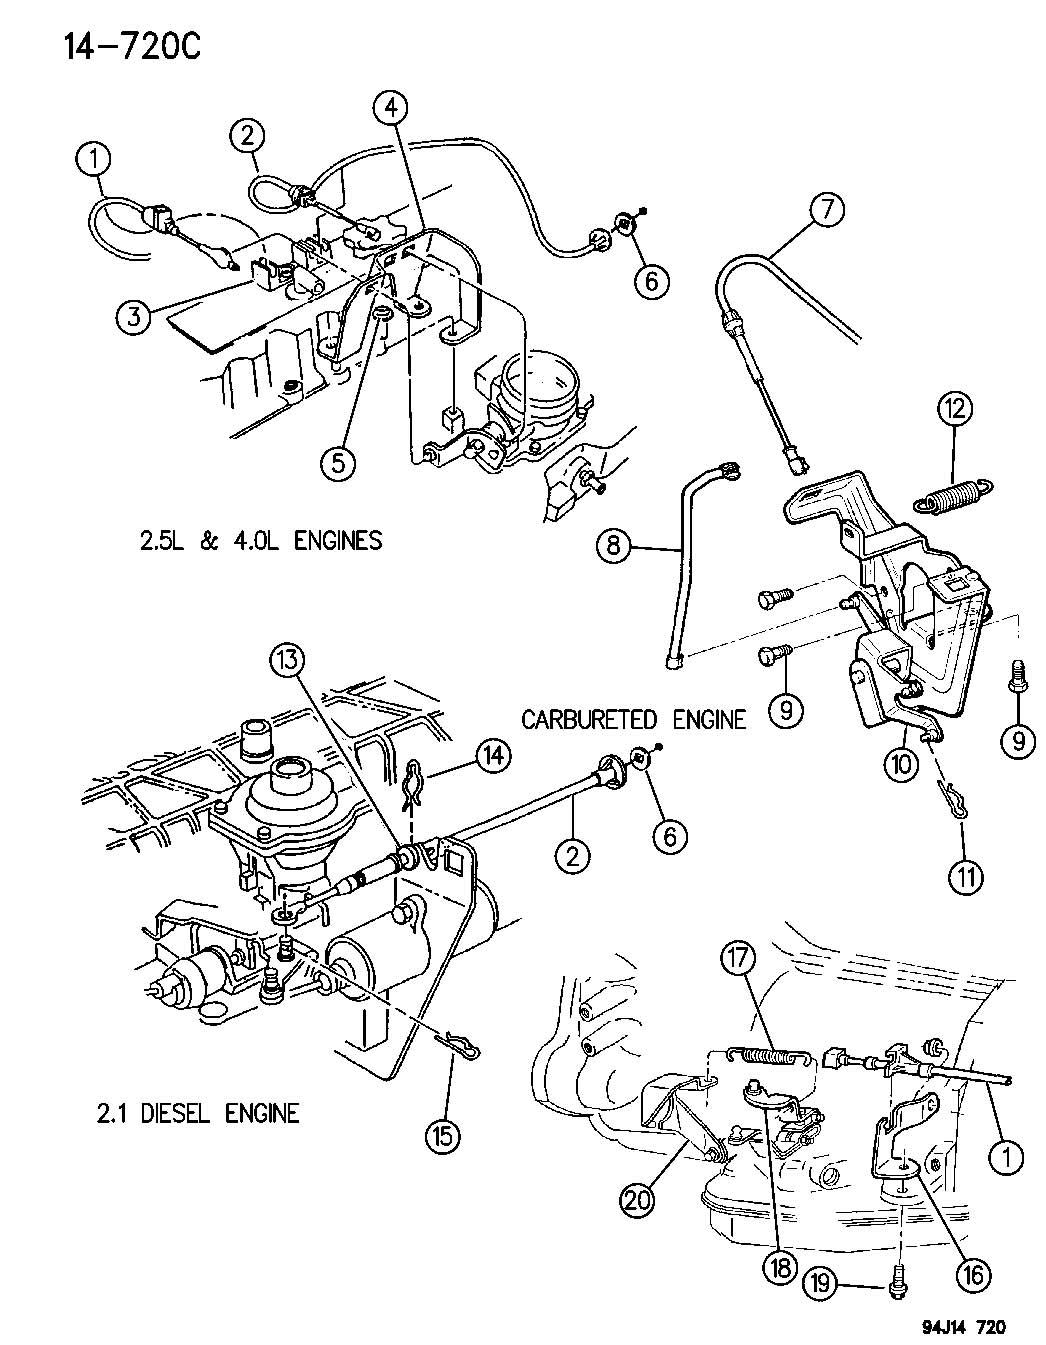 Dodge Dakota Guide Accelerator Cable Comes